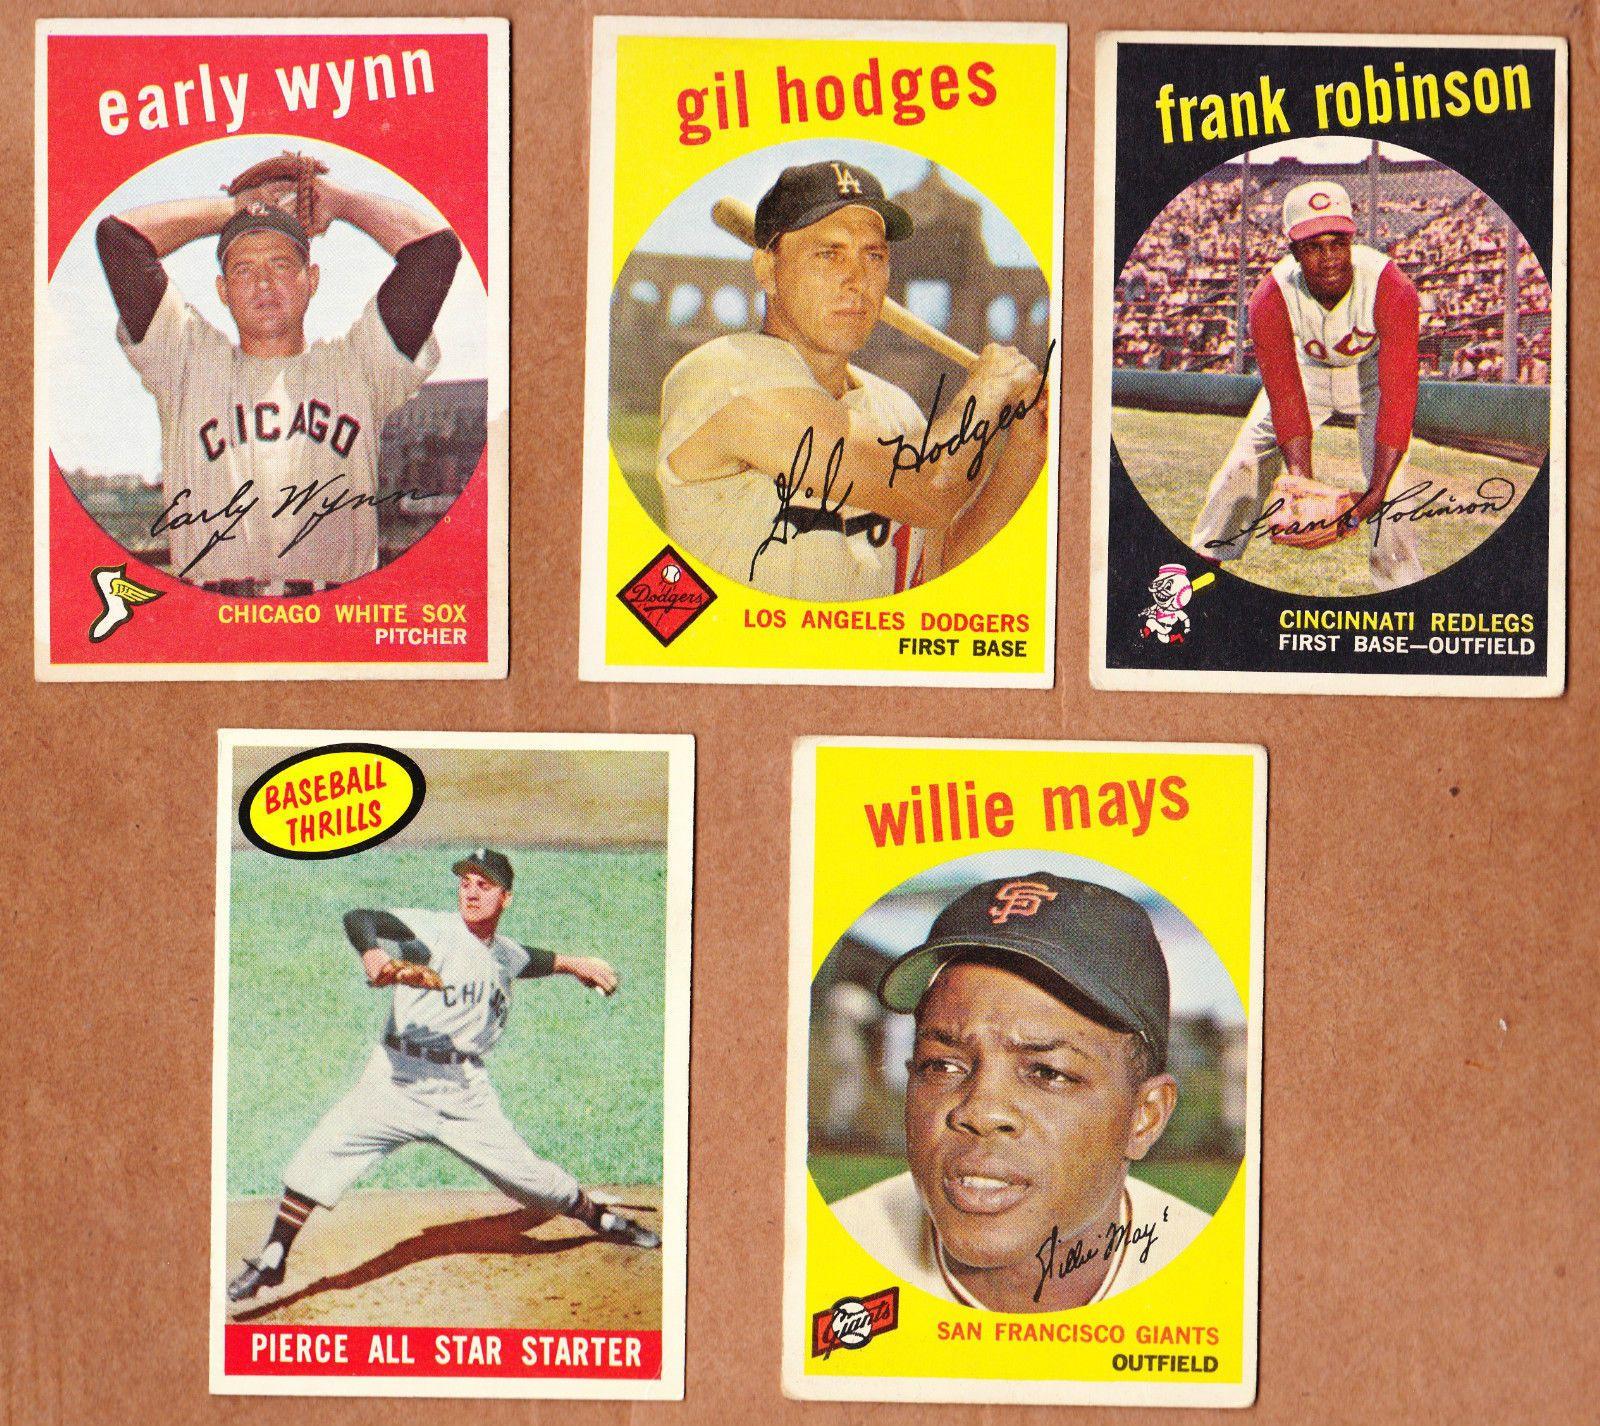 1975 topps baseball cards full set